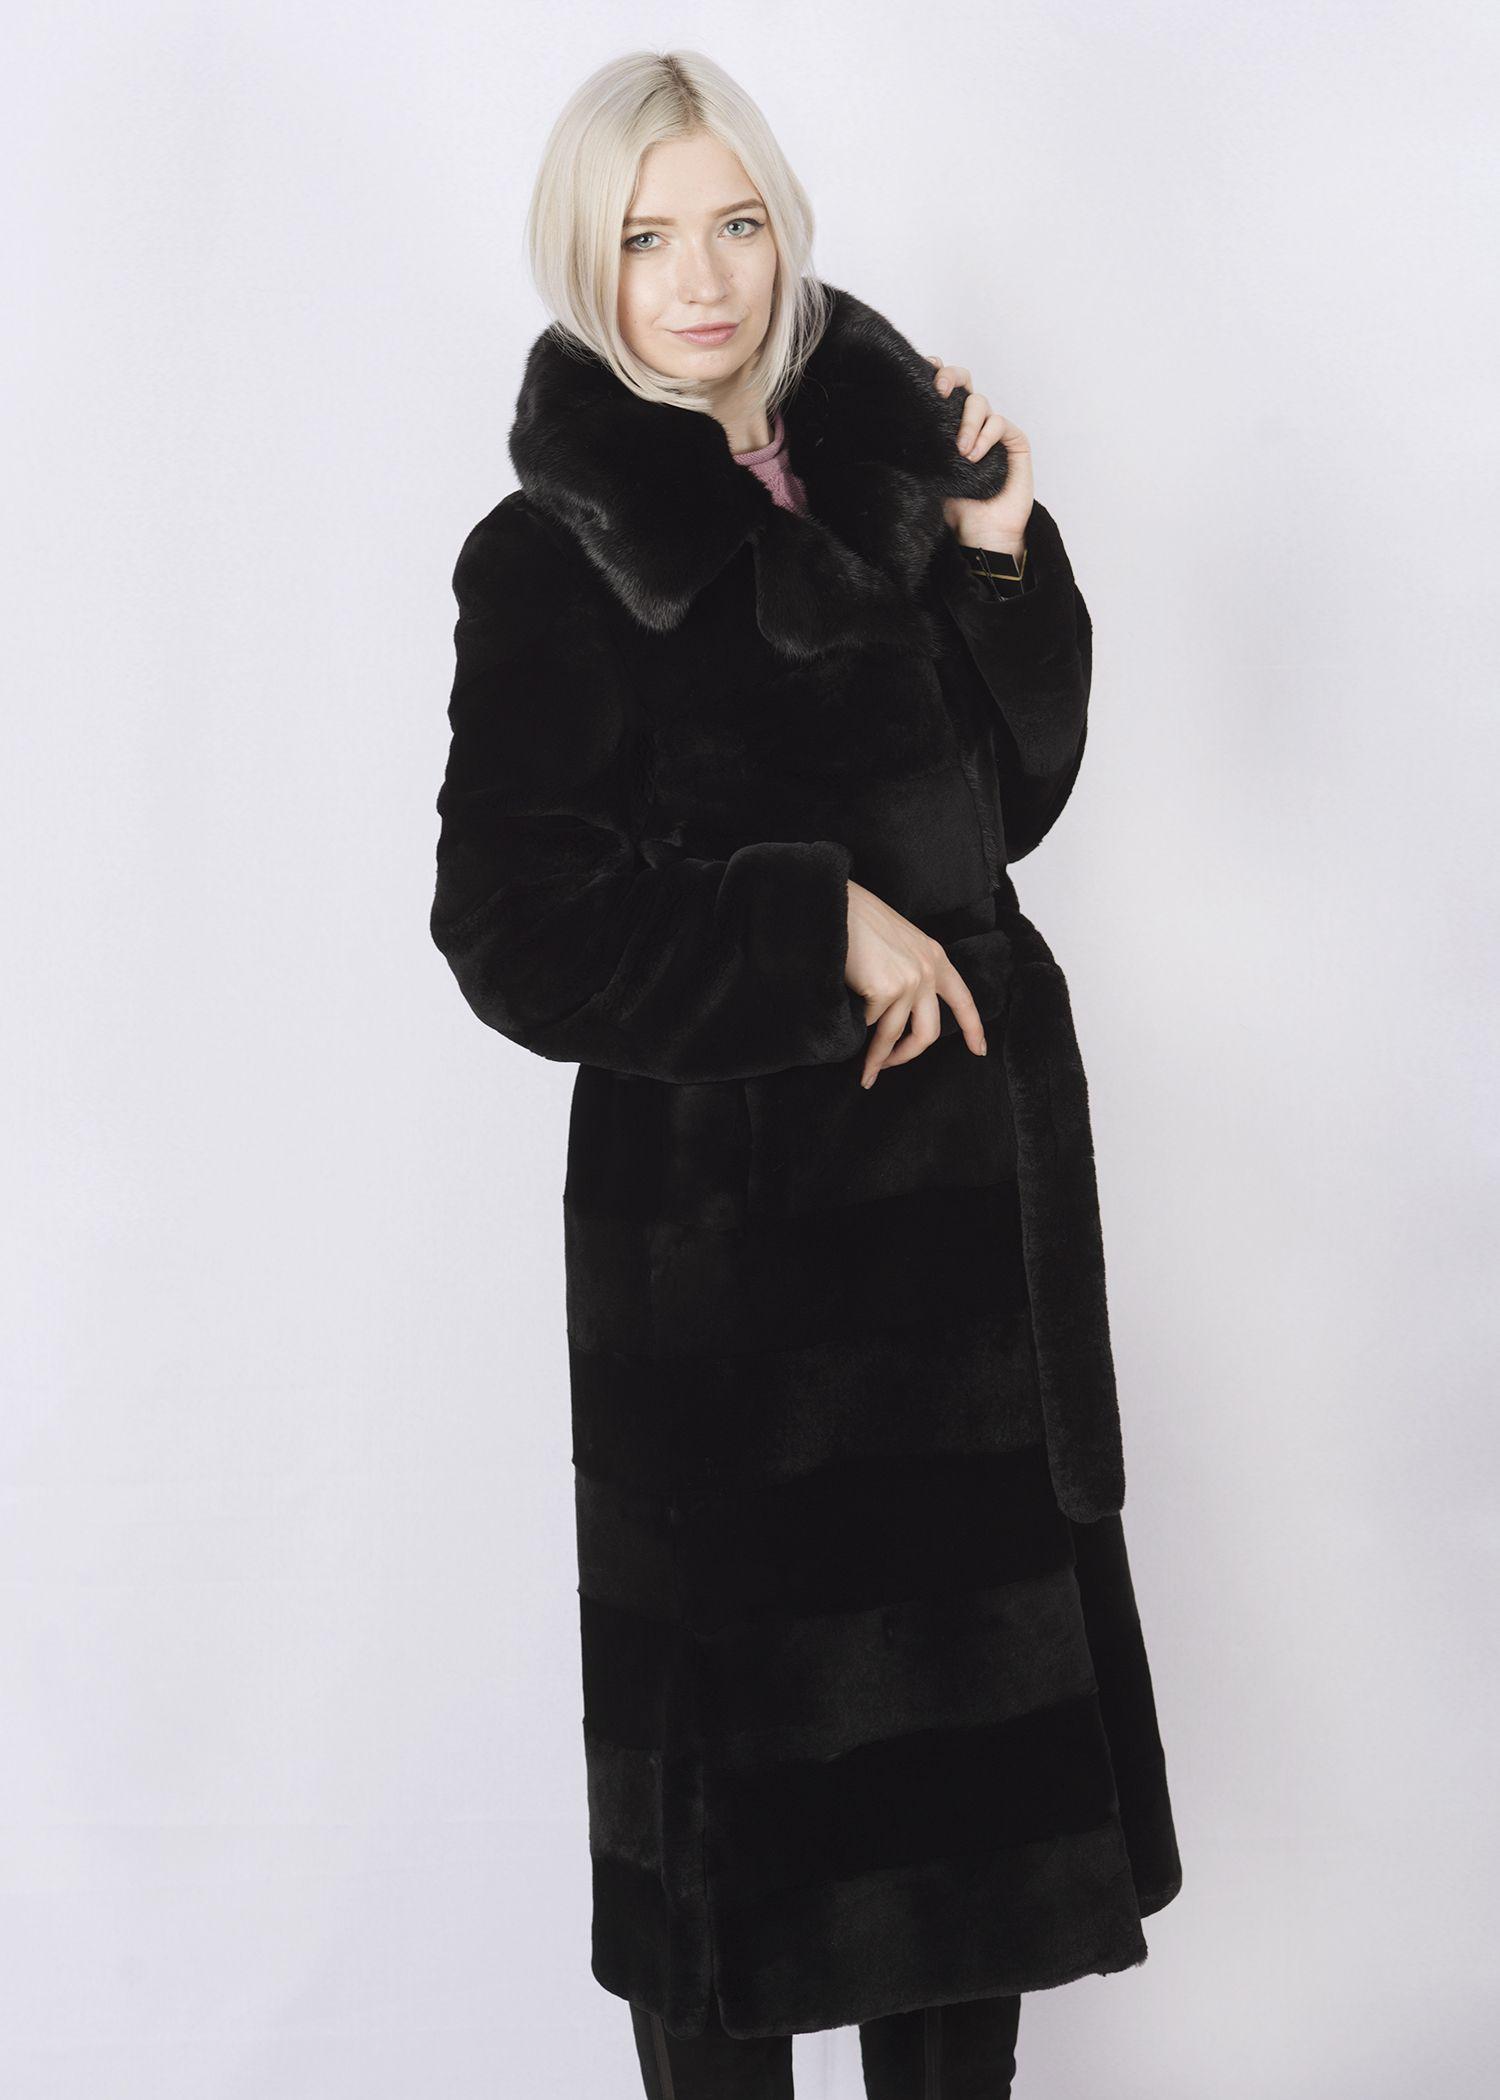 Шуба женская из бобрика(rex) ОА1257В фото №1